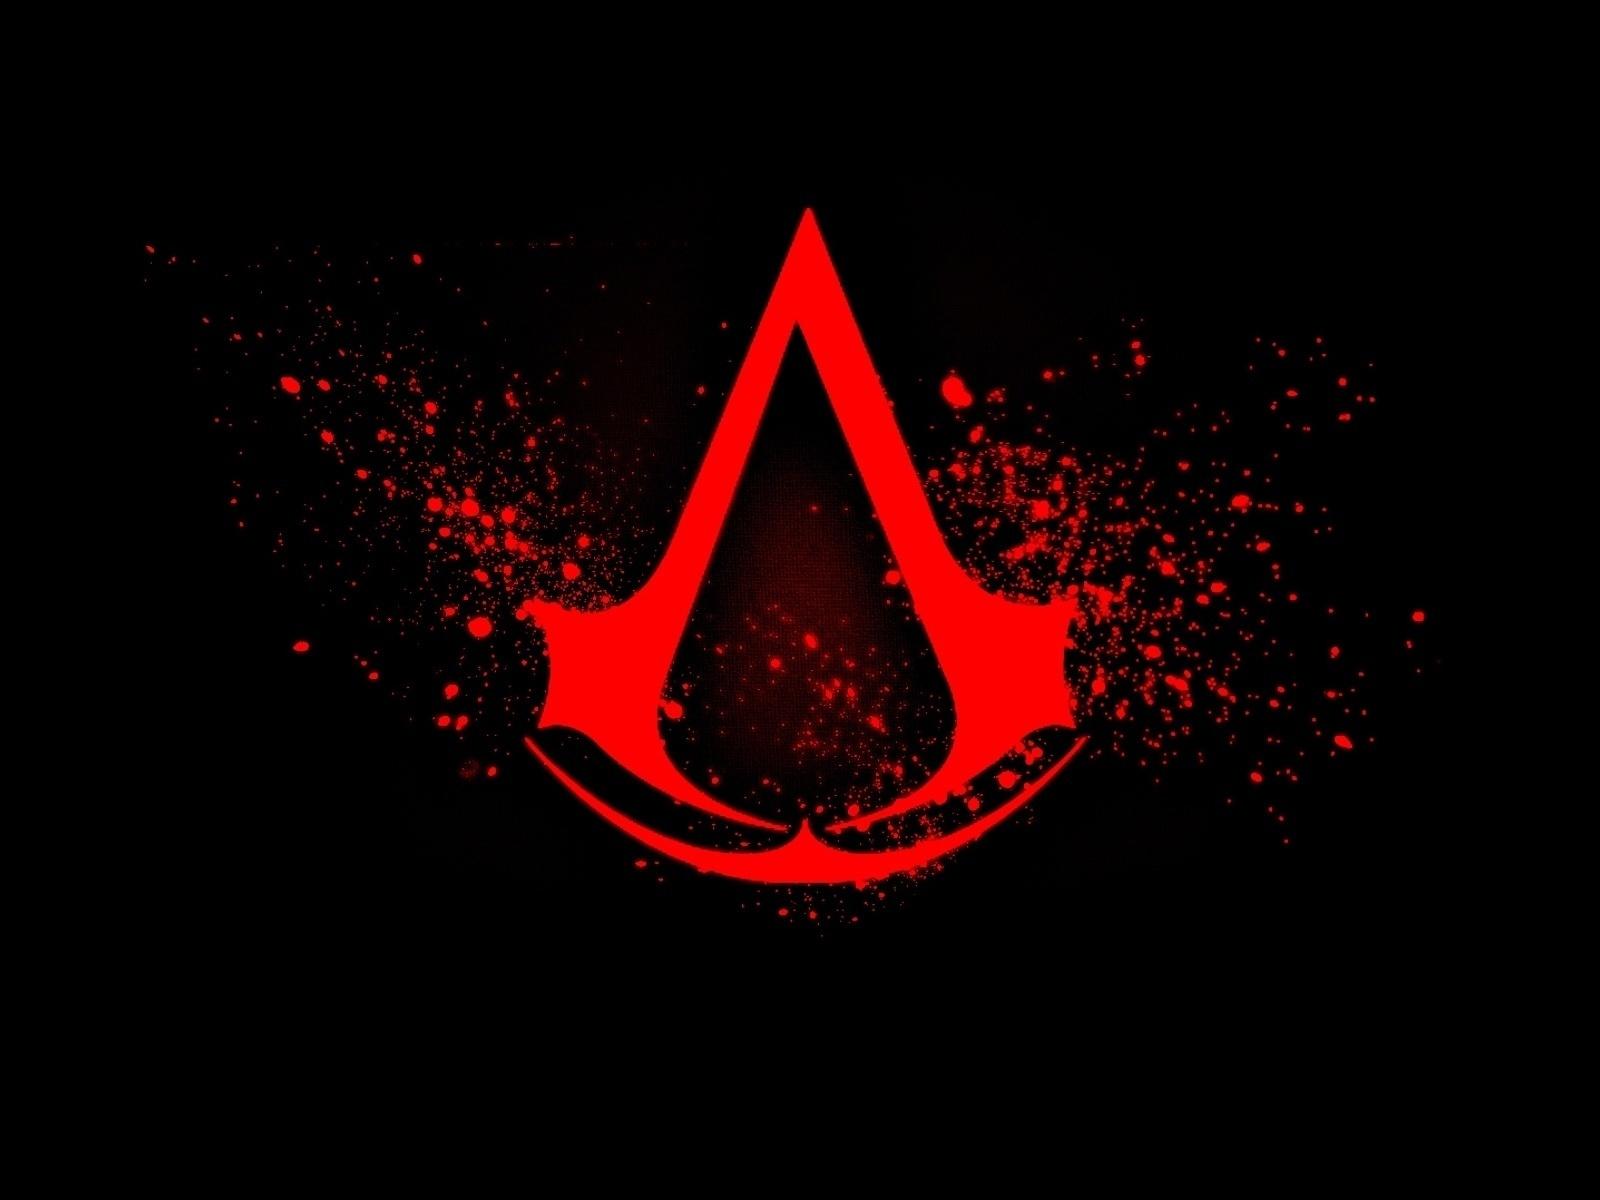 20167 скачать обои Игры, Фон, Логотипы, Кредо Убийцы (Assassin's Creed) - заставки и картинки бесплатно